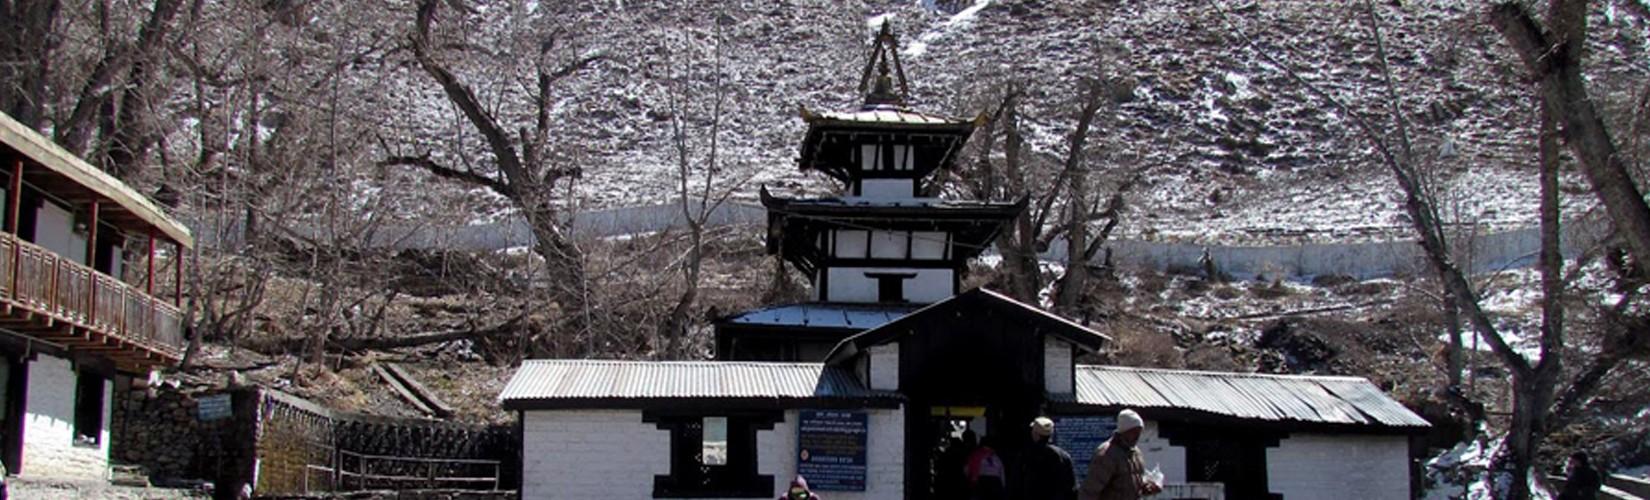 Muktinath  Yatra | Tour